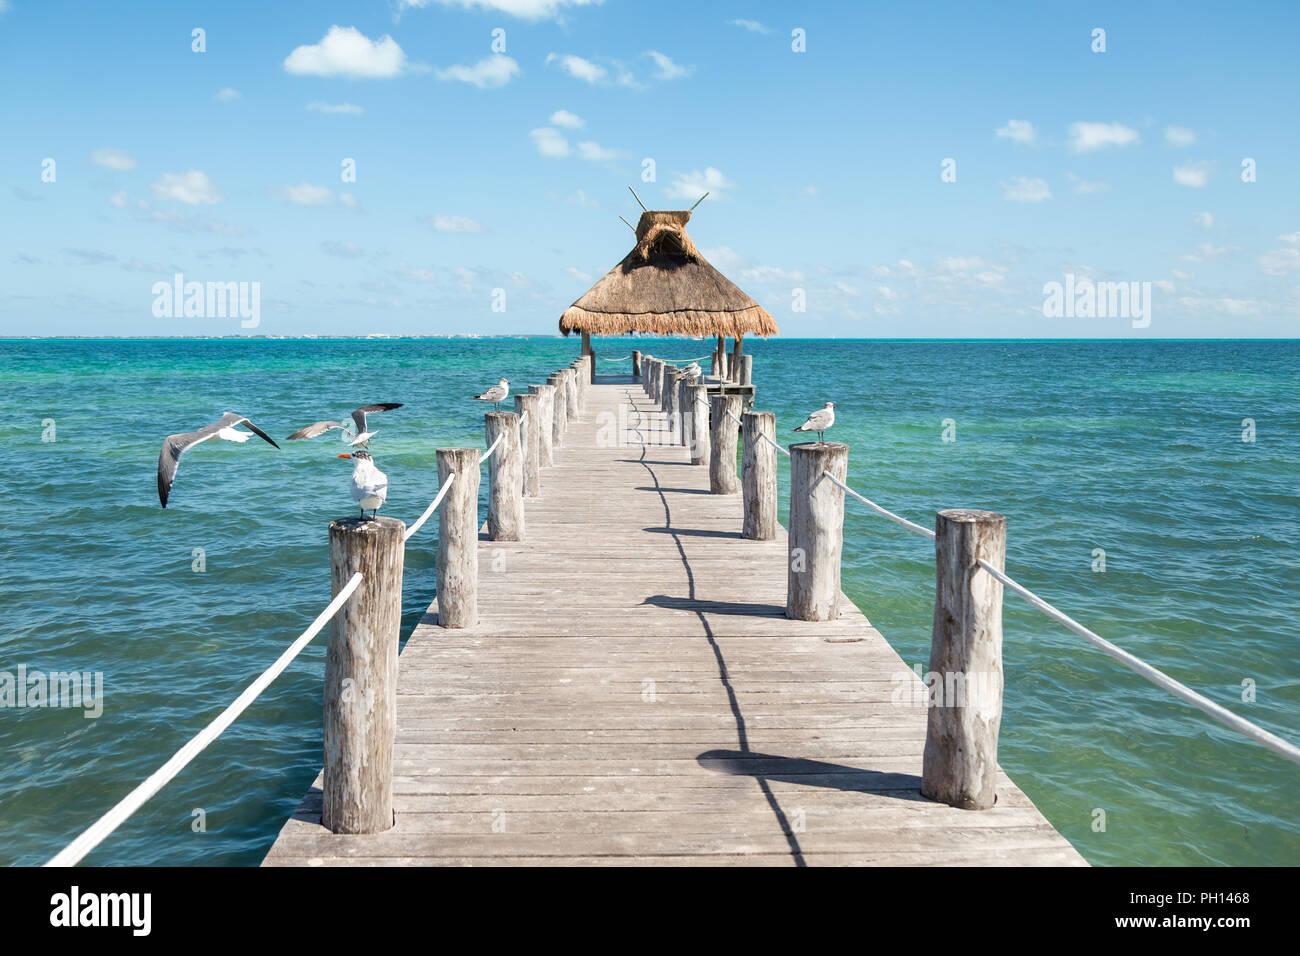 Vue sur l'océan depuis une jetée avec des mouettes perchées sur chaque côté et un toit d'herbe à la fin. Photo Stock